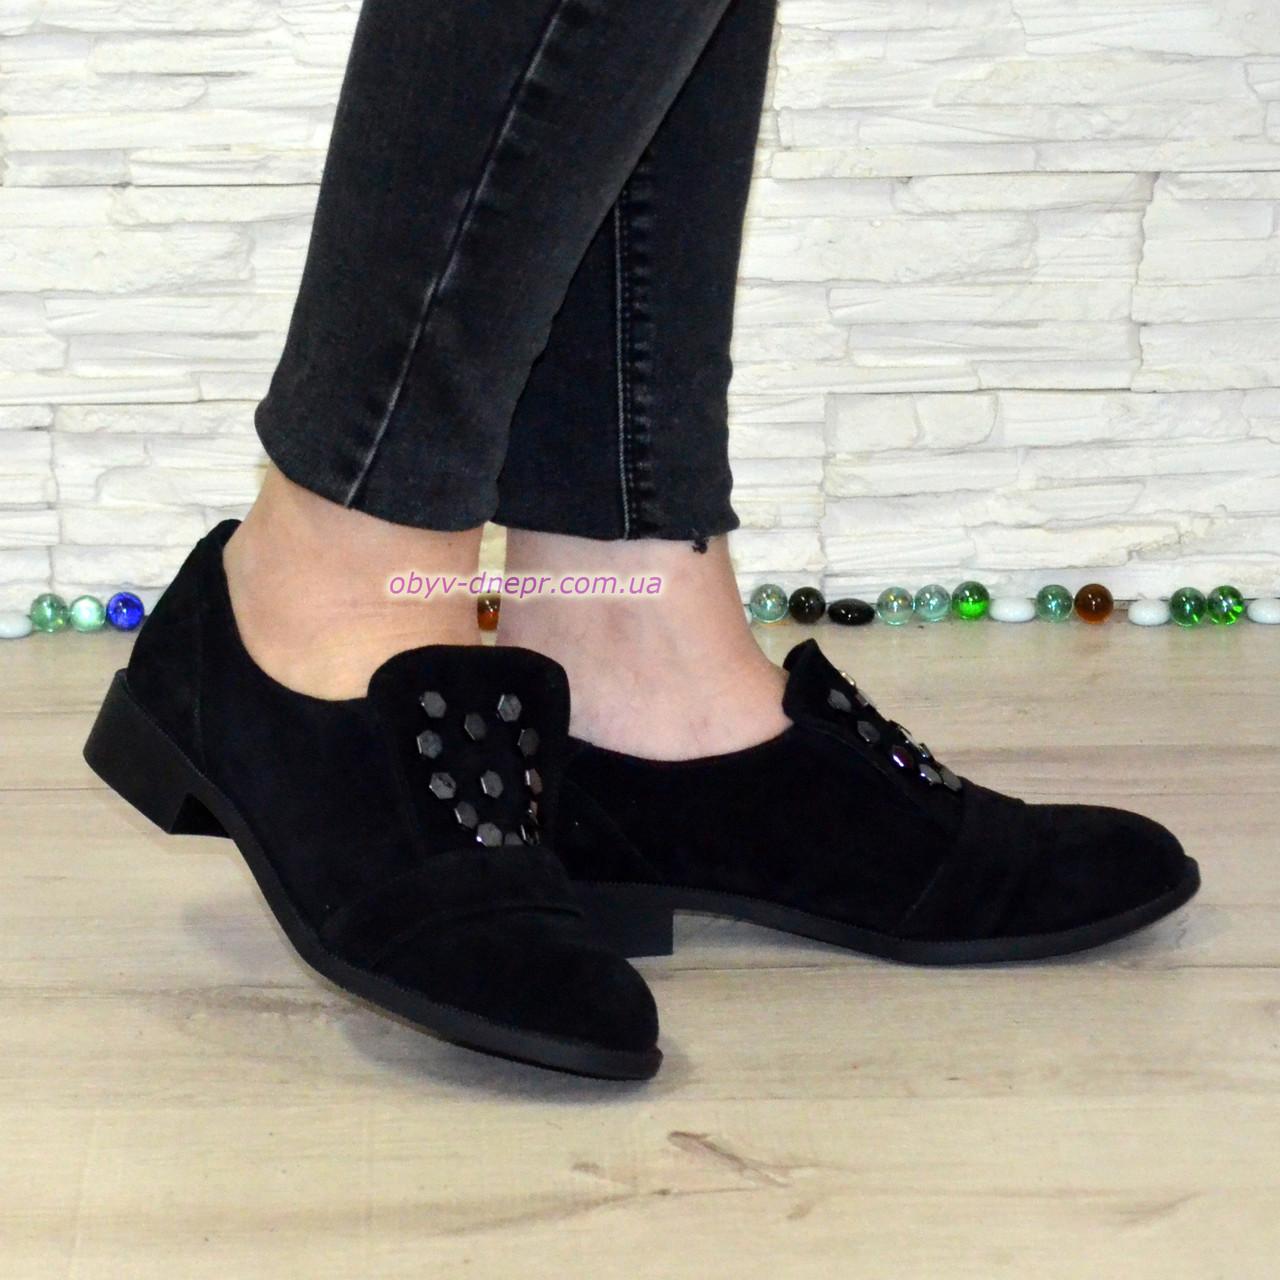 Женские замшевые туфли на низком ходу, декорированы фурнитурой